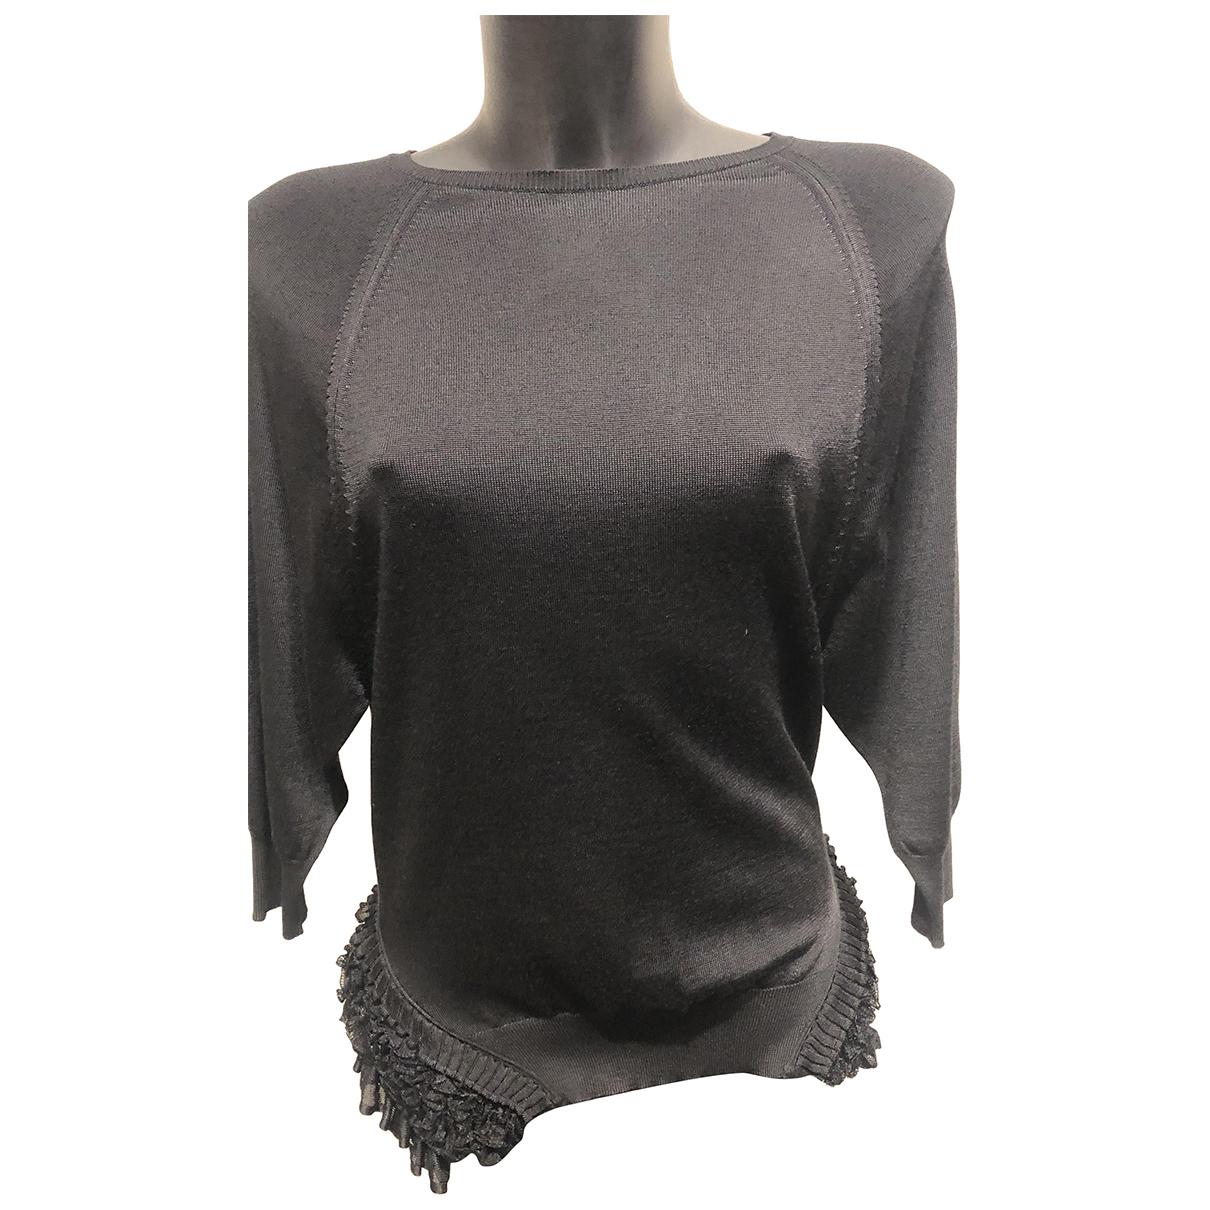 Roberto Cavalli N Black Wool Knitwear for Women 38 IT